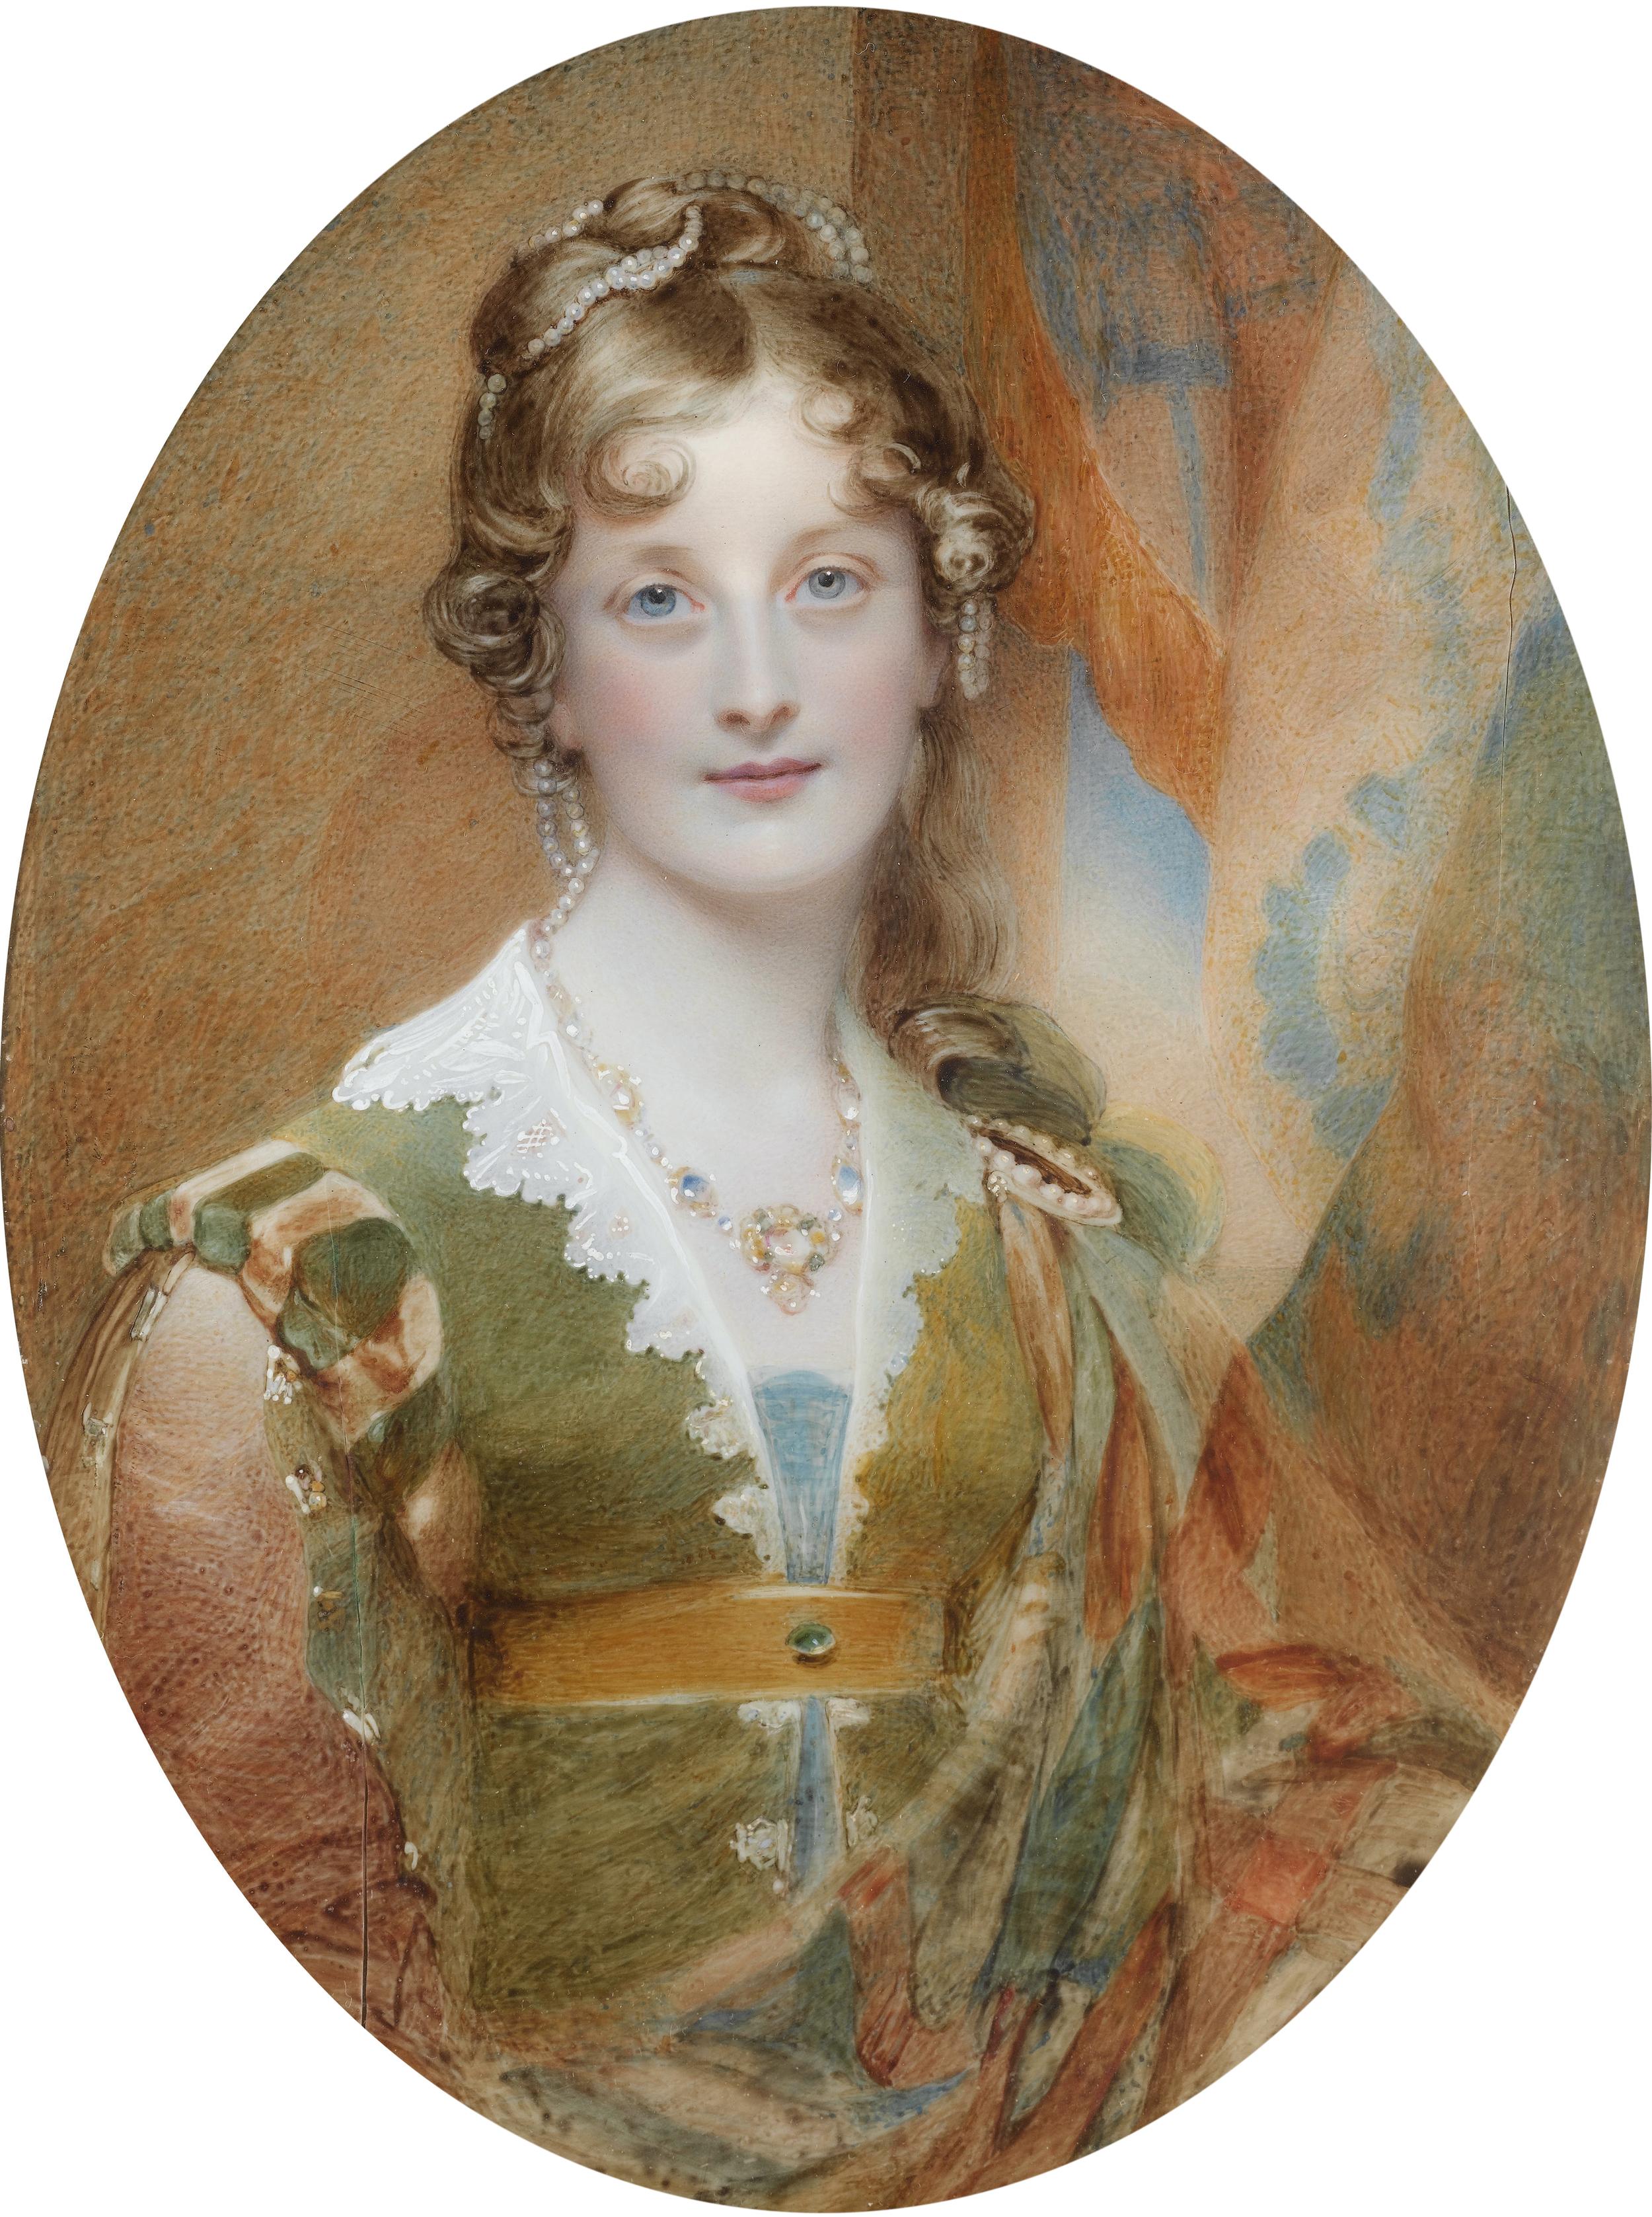 Jane_Digby,_Lady_Ellenborough,_by_William_Charles_Ross.jpg